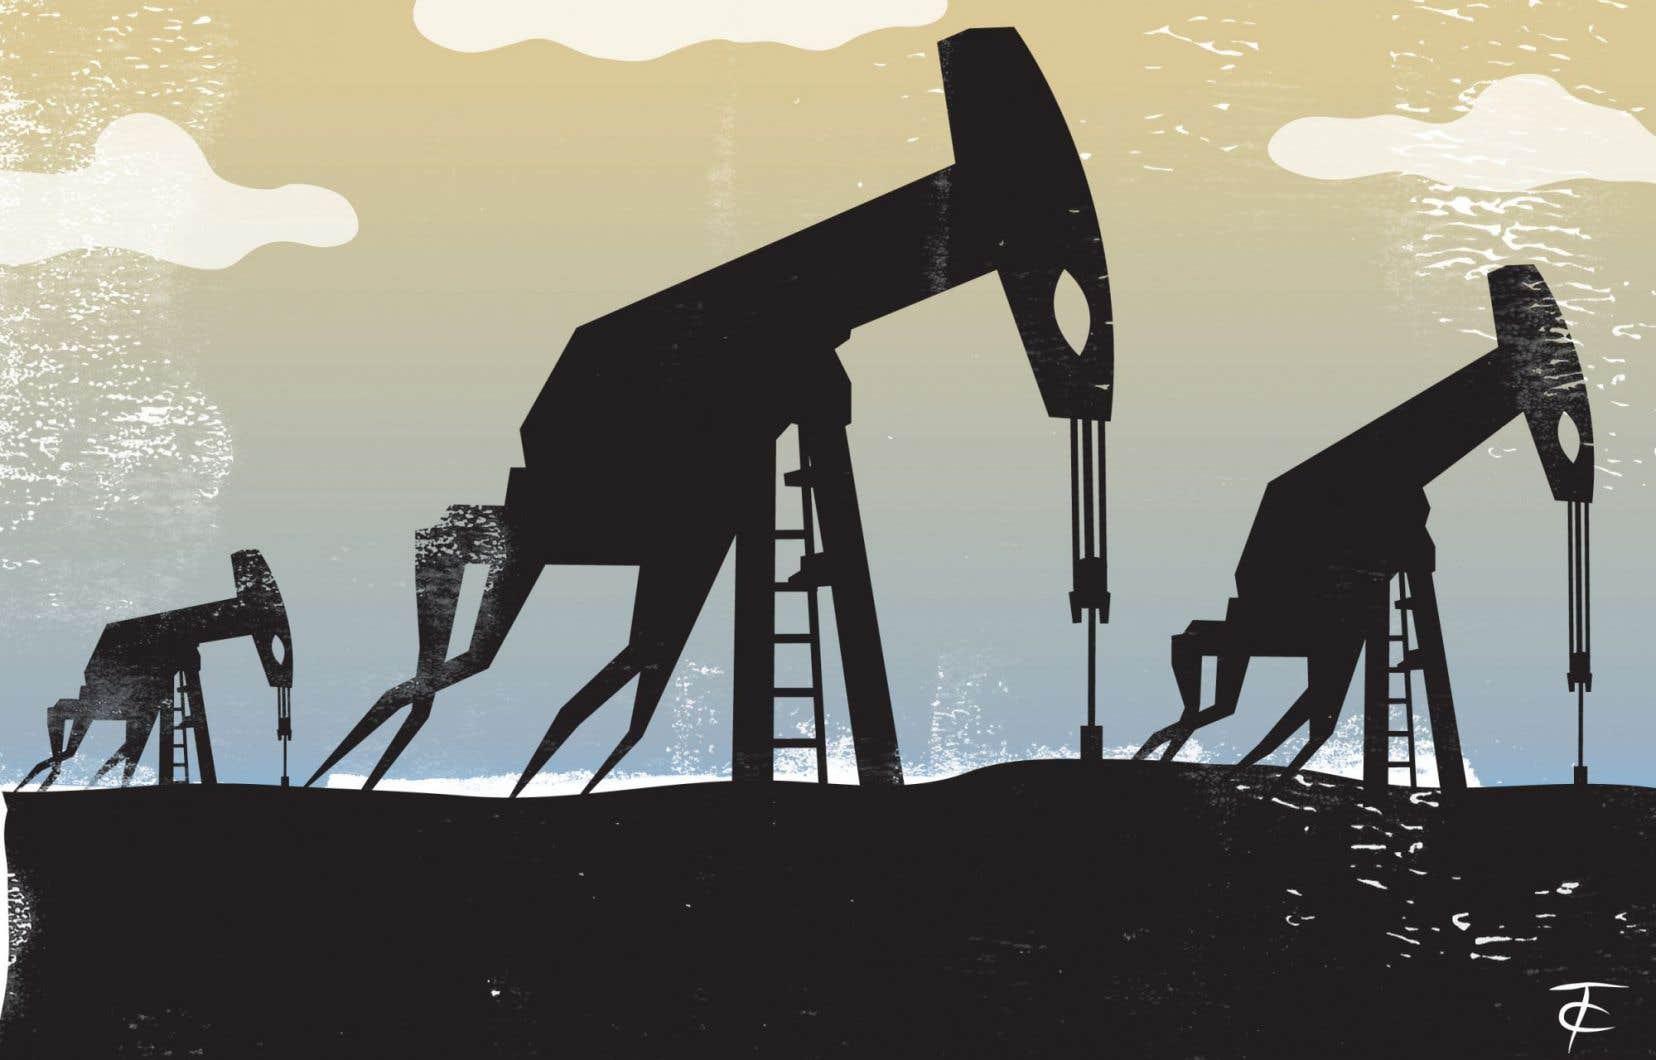 Ce sont souvent les mêmes acteurs qui font la promotion des politiques d'austérité et de l'extraction des ressources minérales.